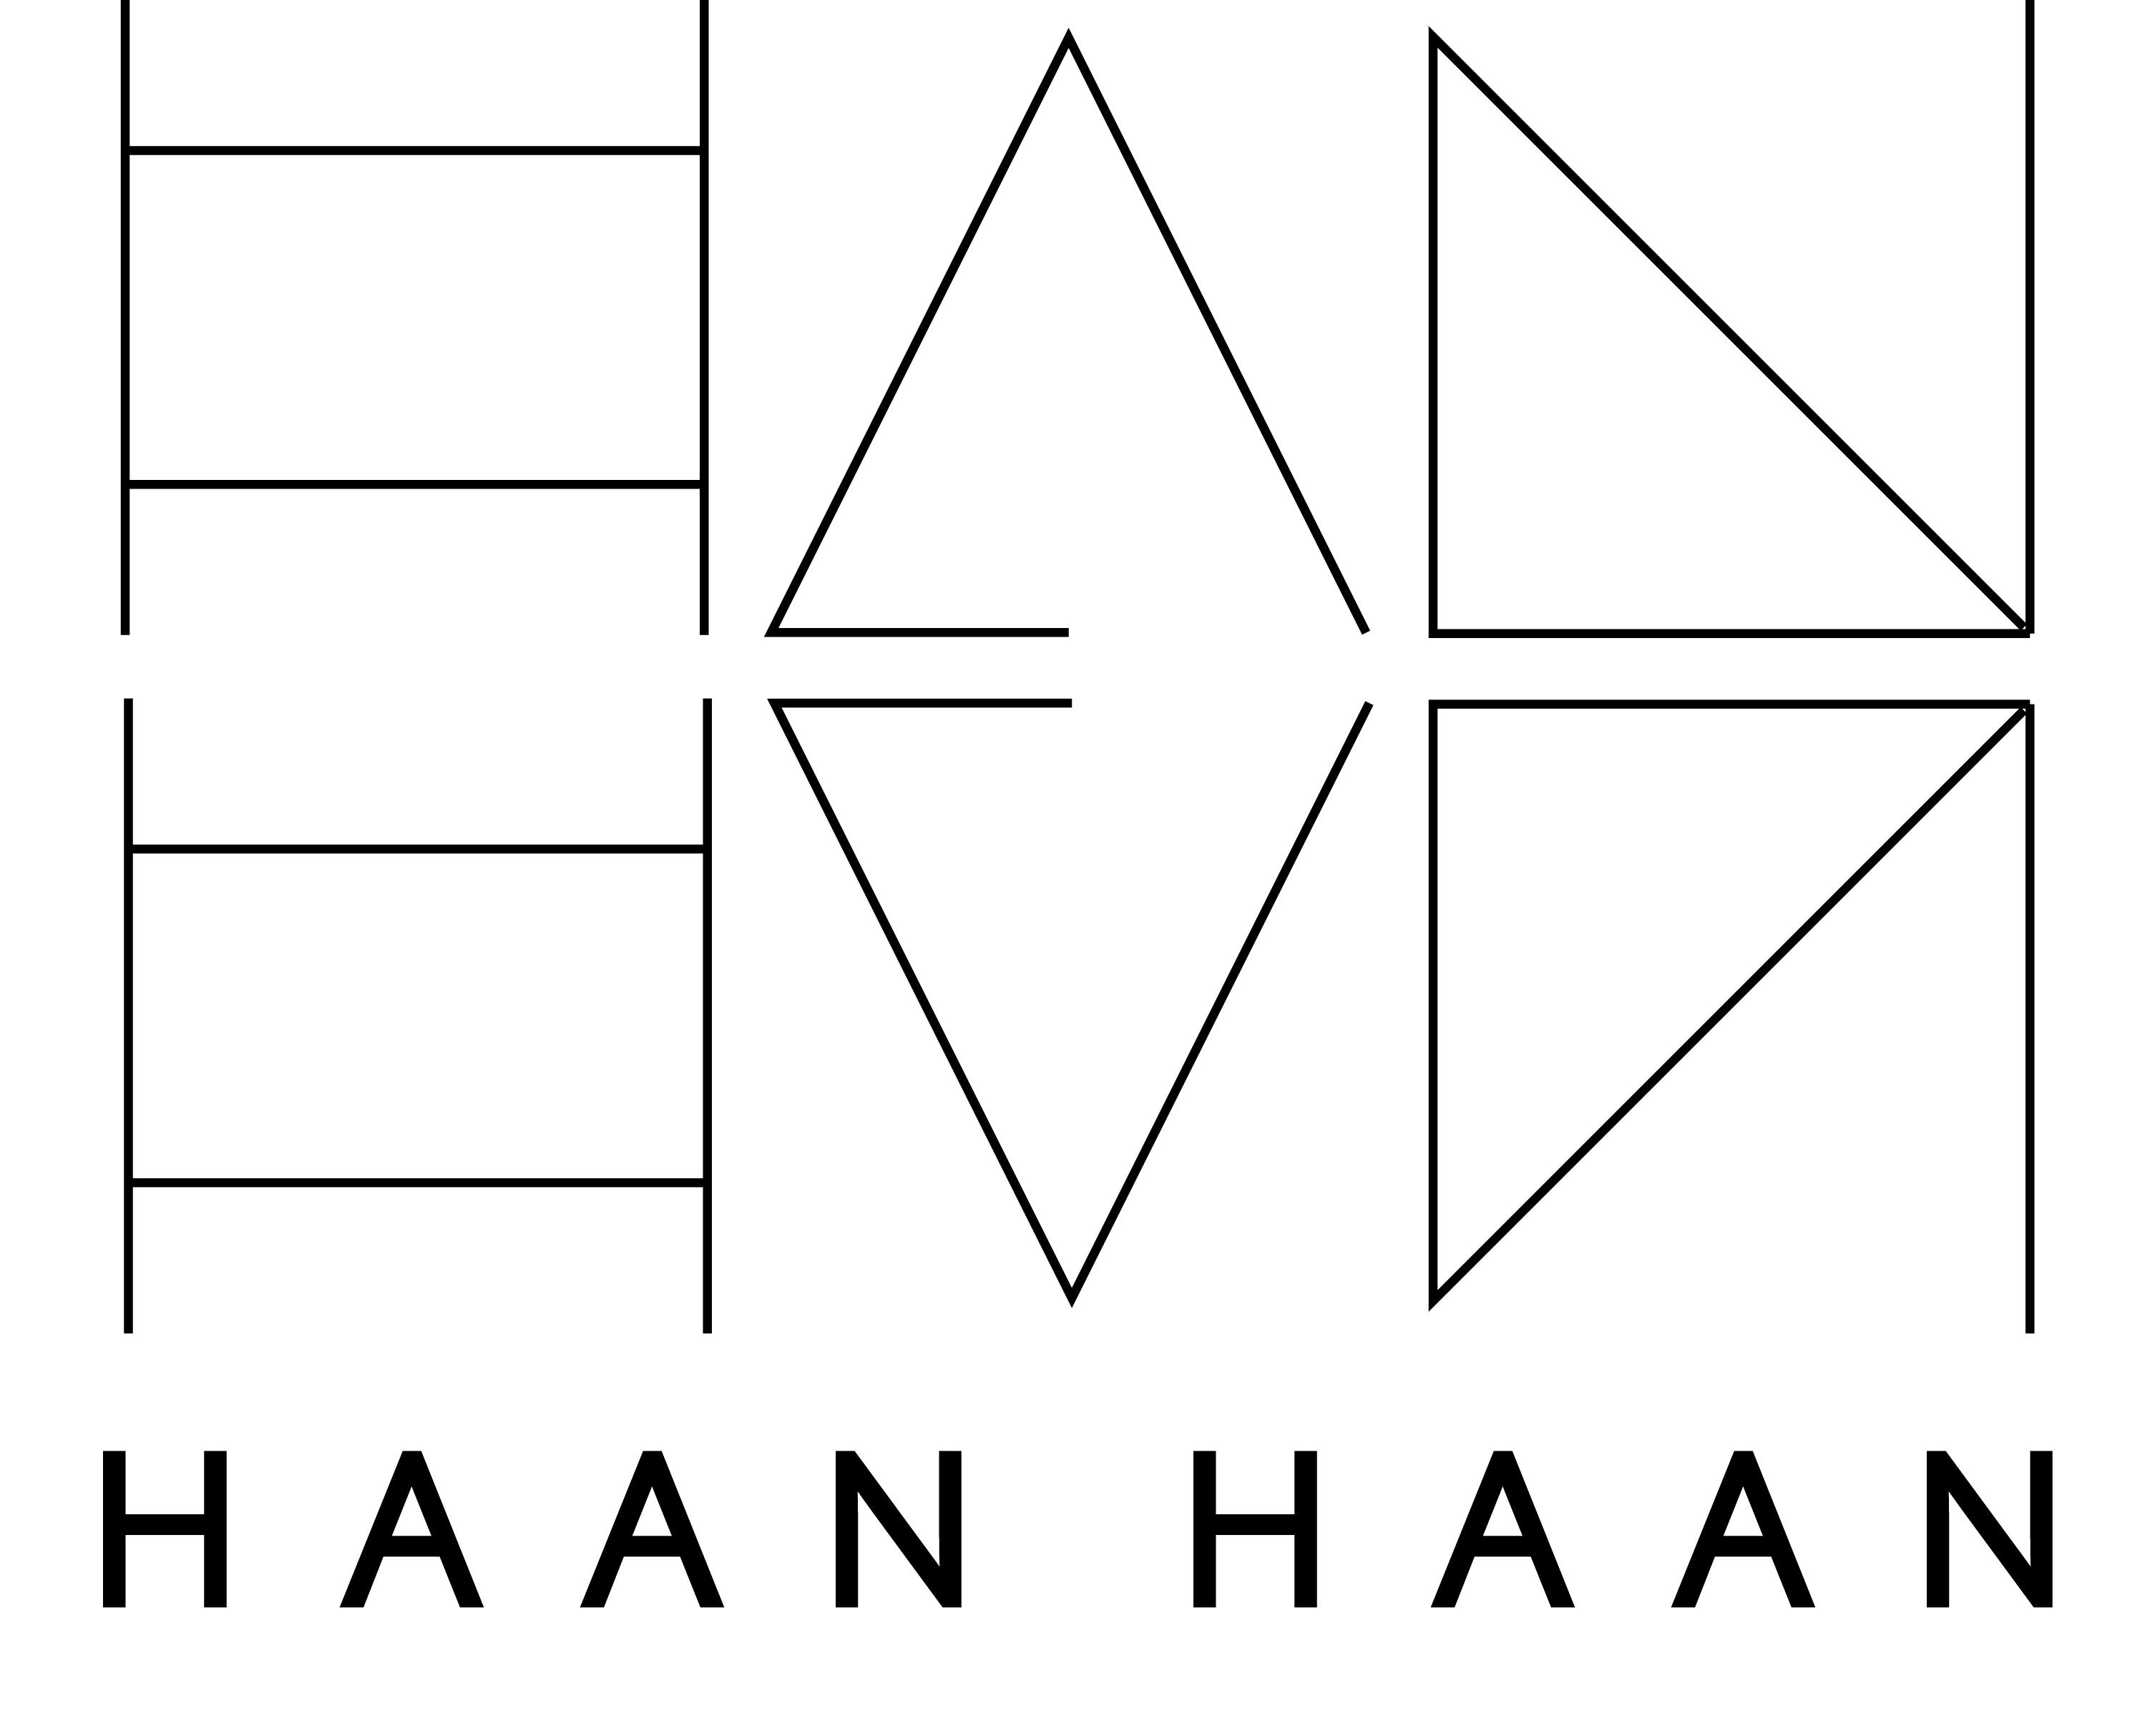 Haan Haan